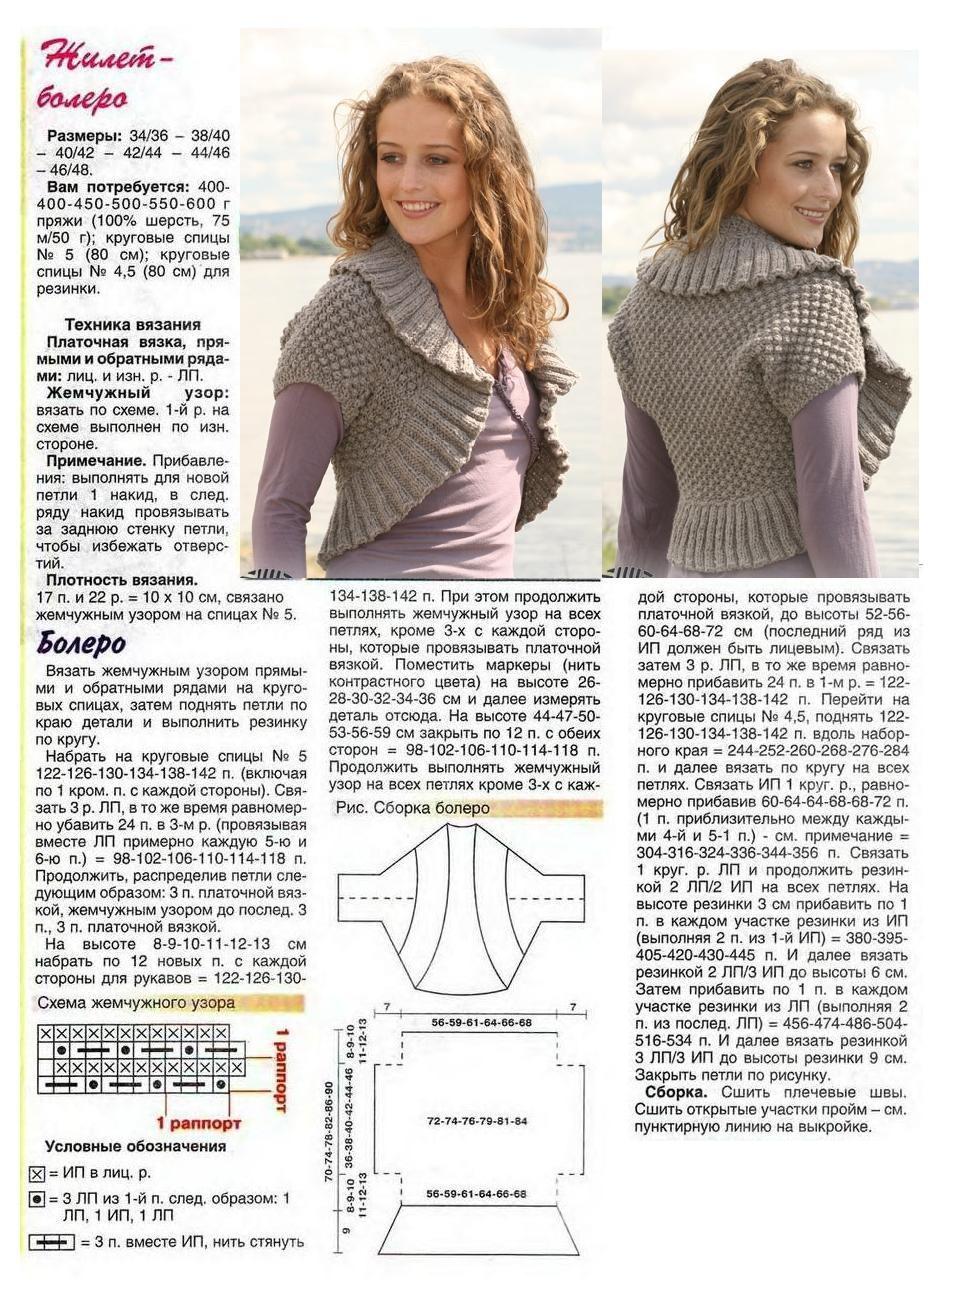 Вязание спицами как связать болеро схемами 9